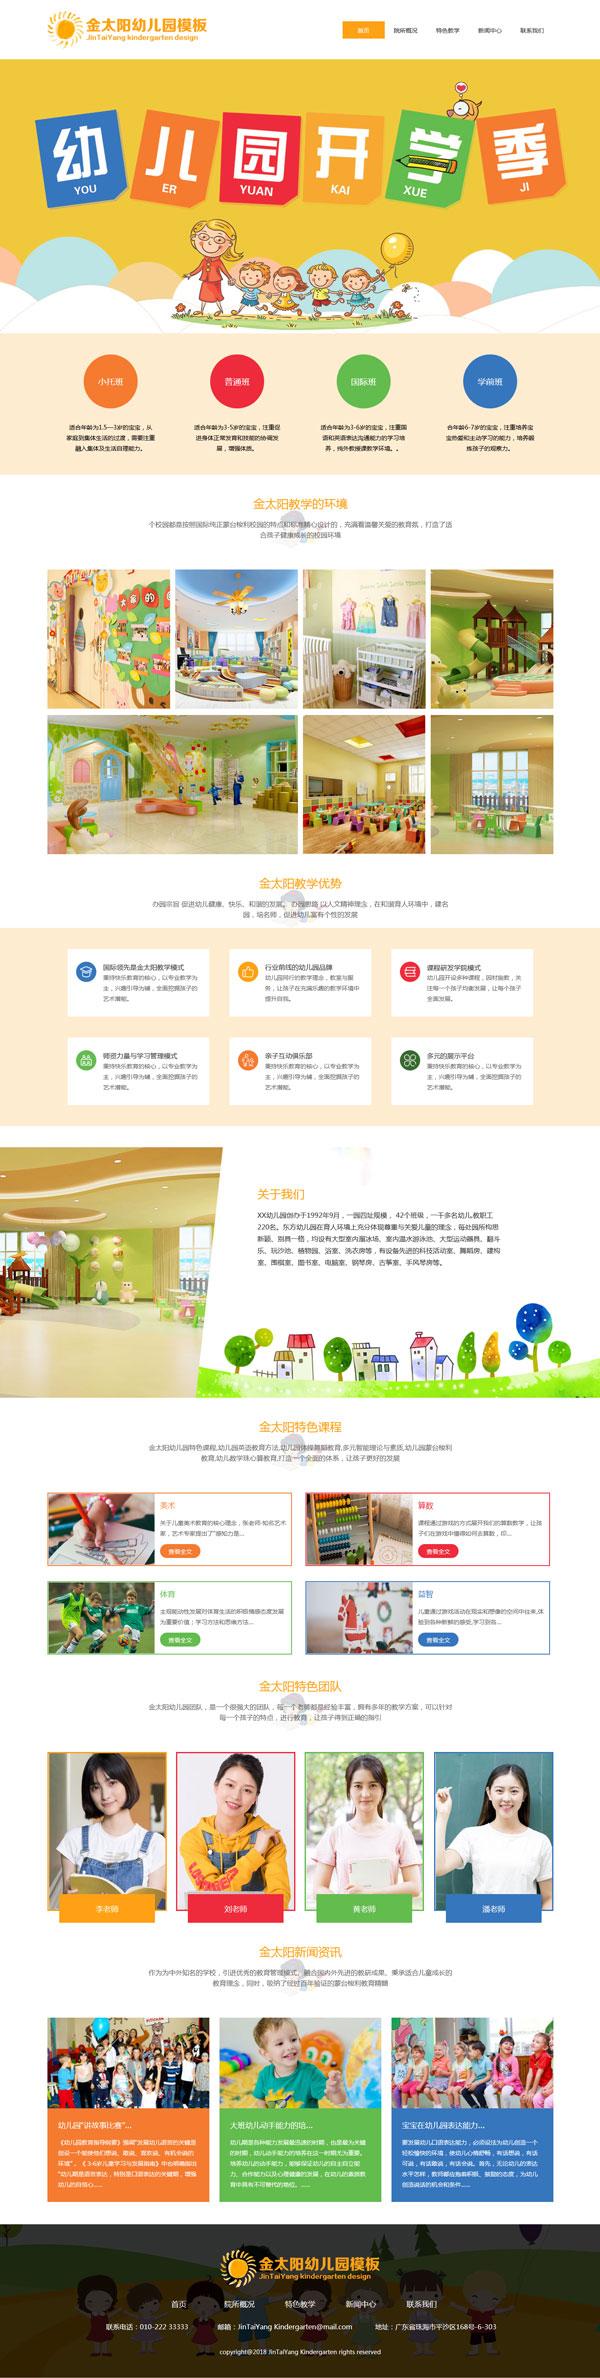 金太阳幼儿园展示模板